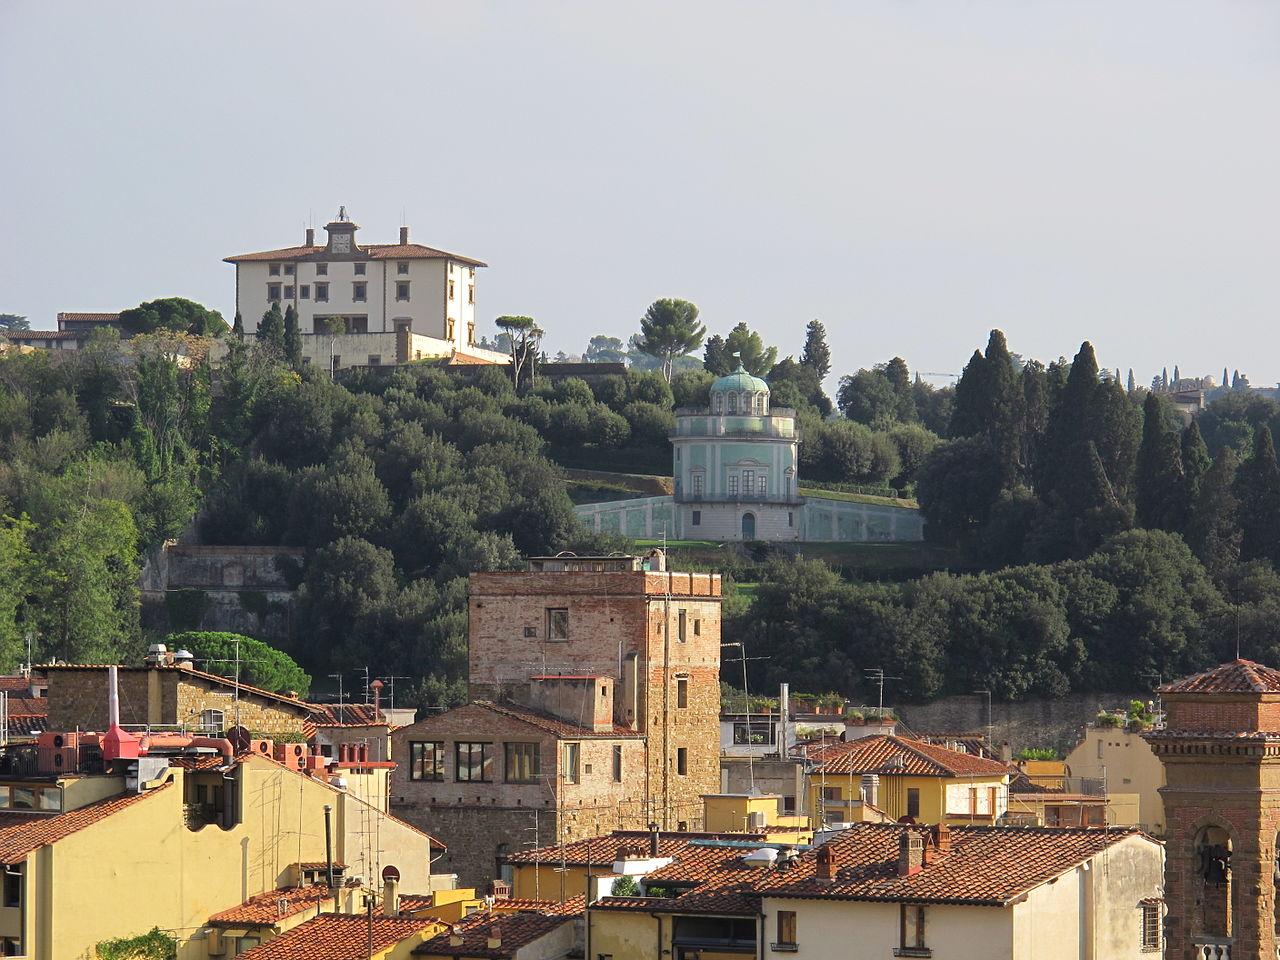 Firenze, Giardino del Bobolino, Hotel antica torre tornabuoni, terrazza, veduta della Kaffeehaus del giardino di Boboli  e Forte Belvedere